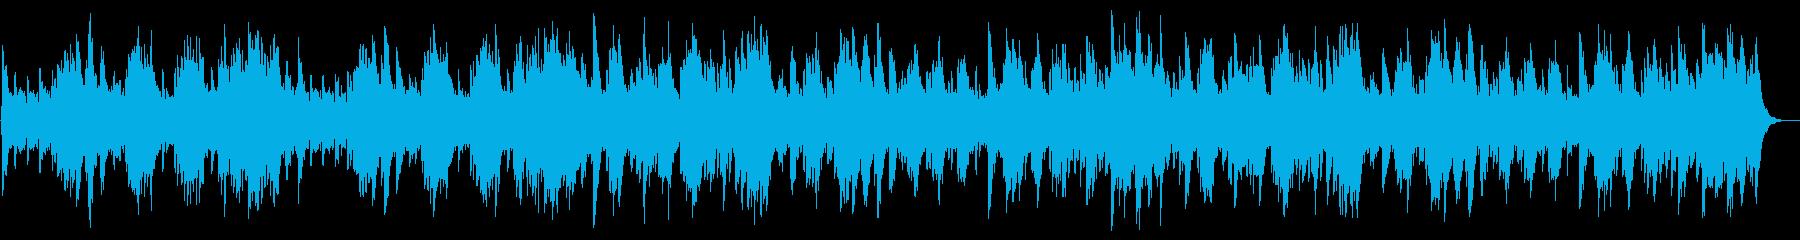 G線上のアリア crystalの再生済みの波形